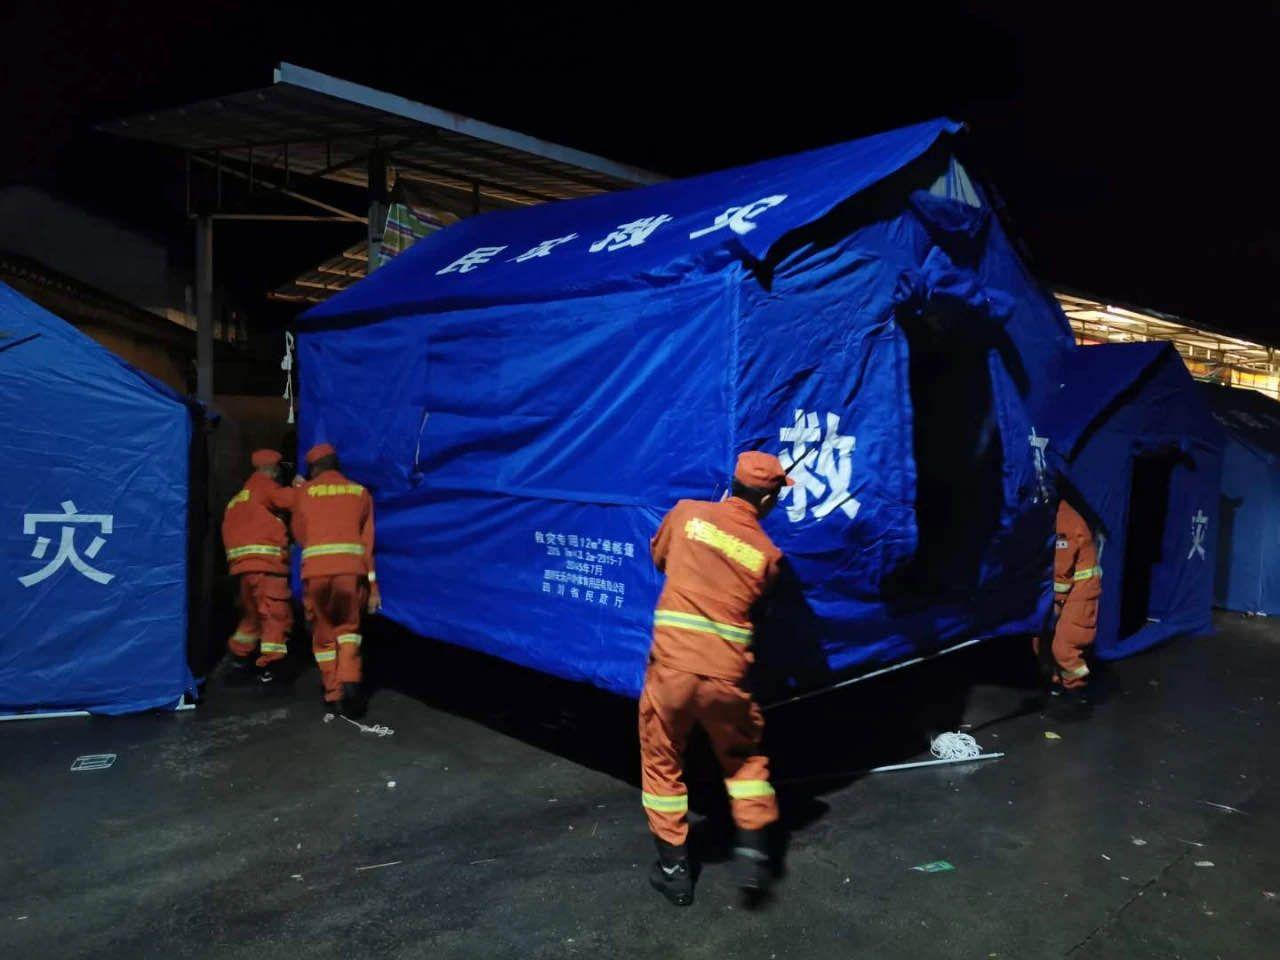 消防员连夜搭建帐篷。四川森林消防供图